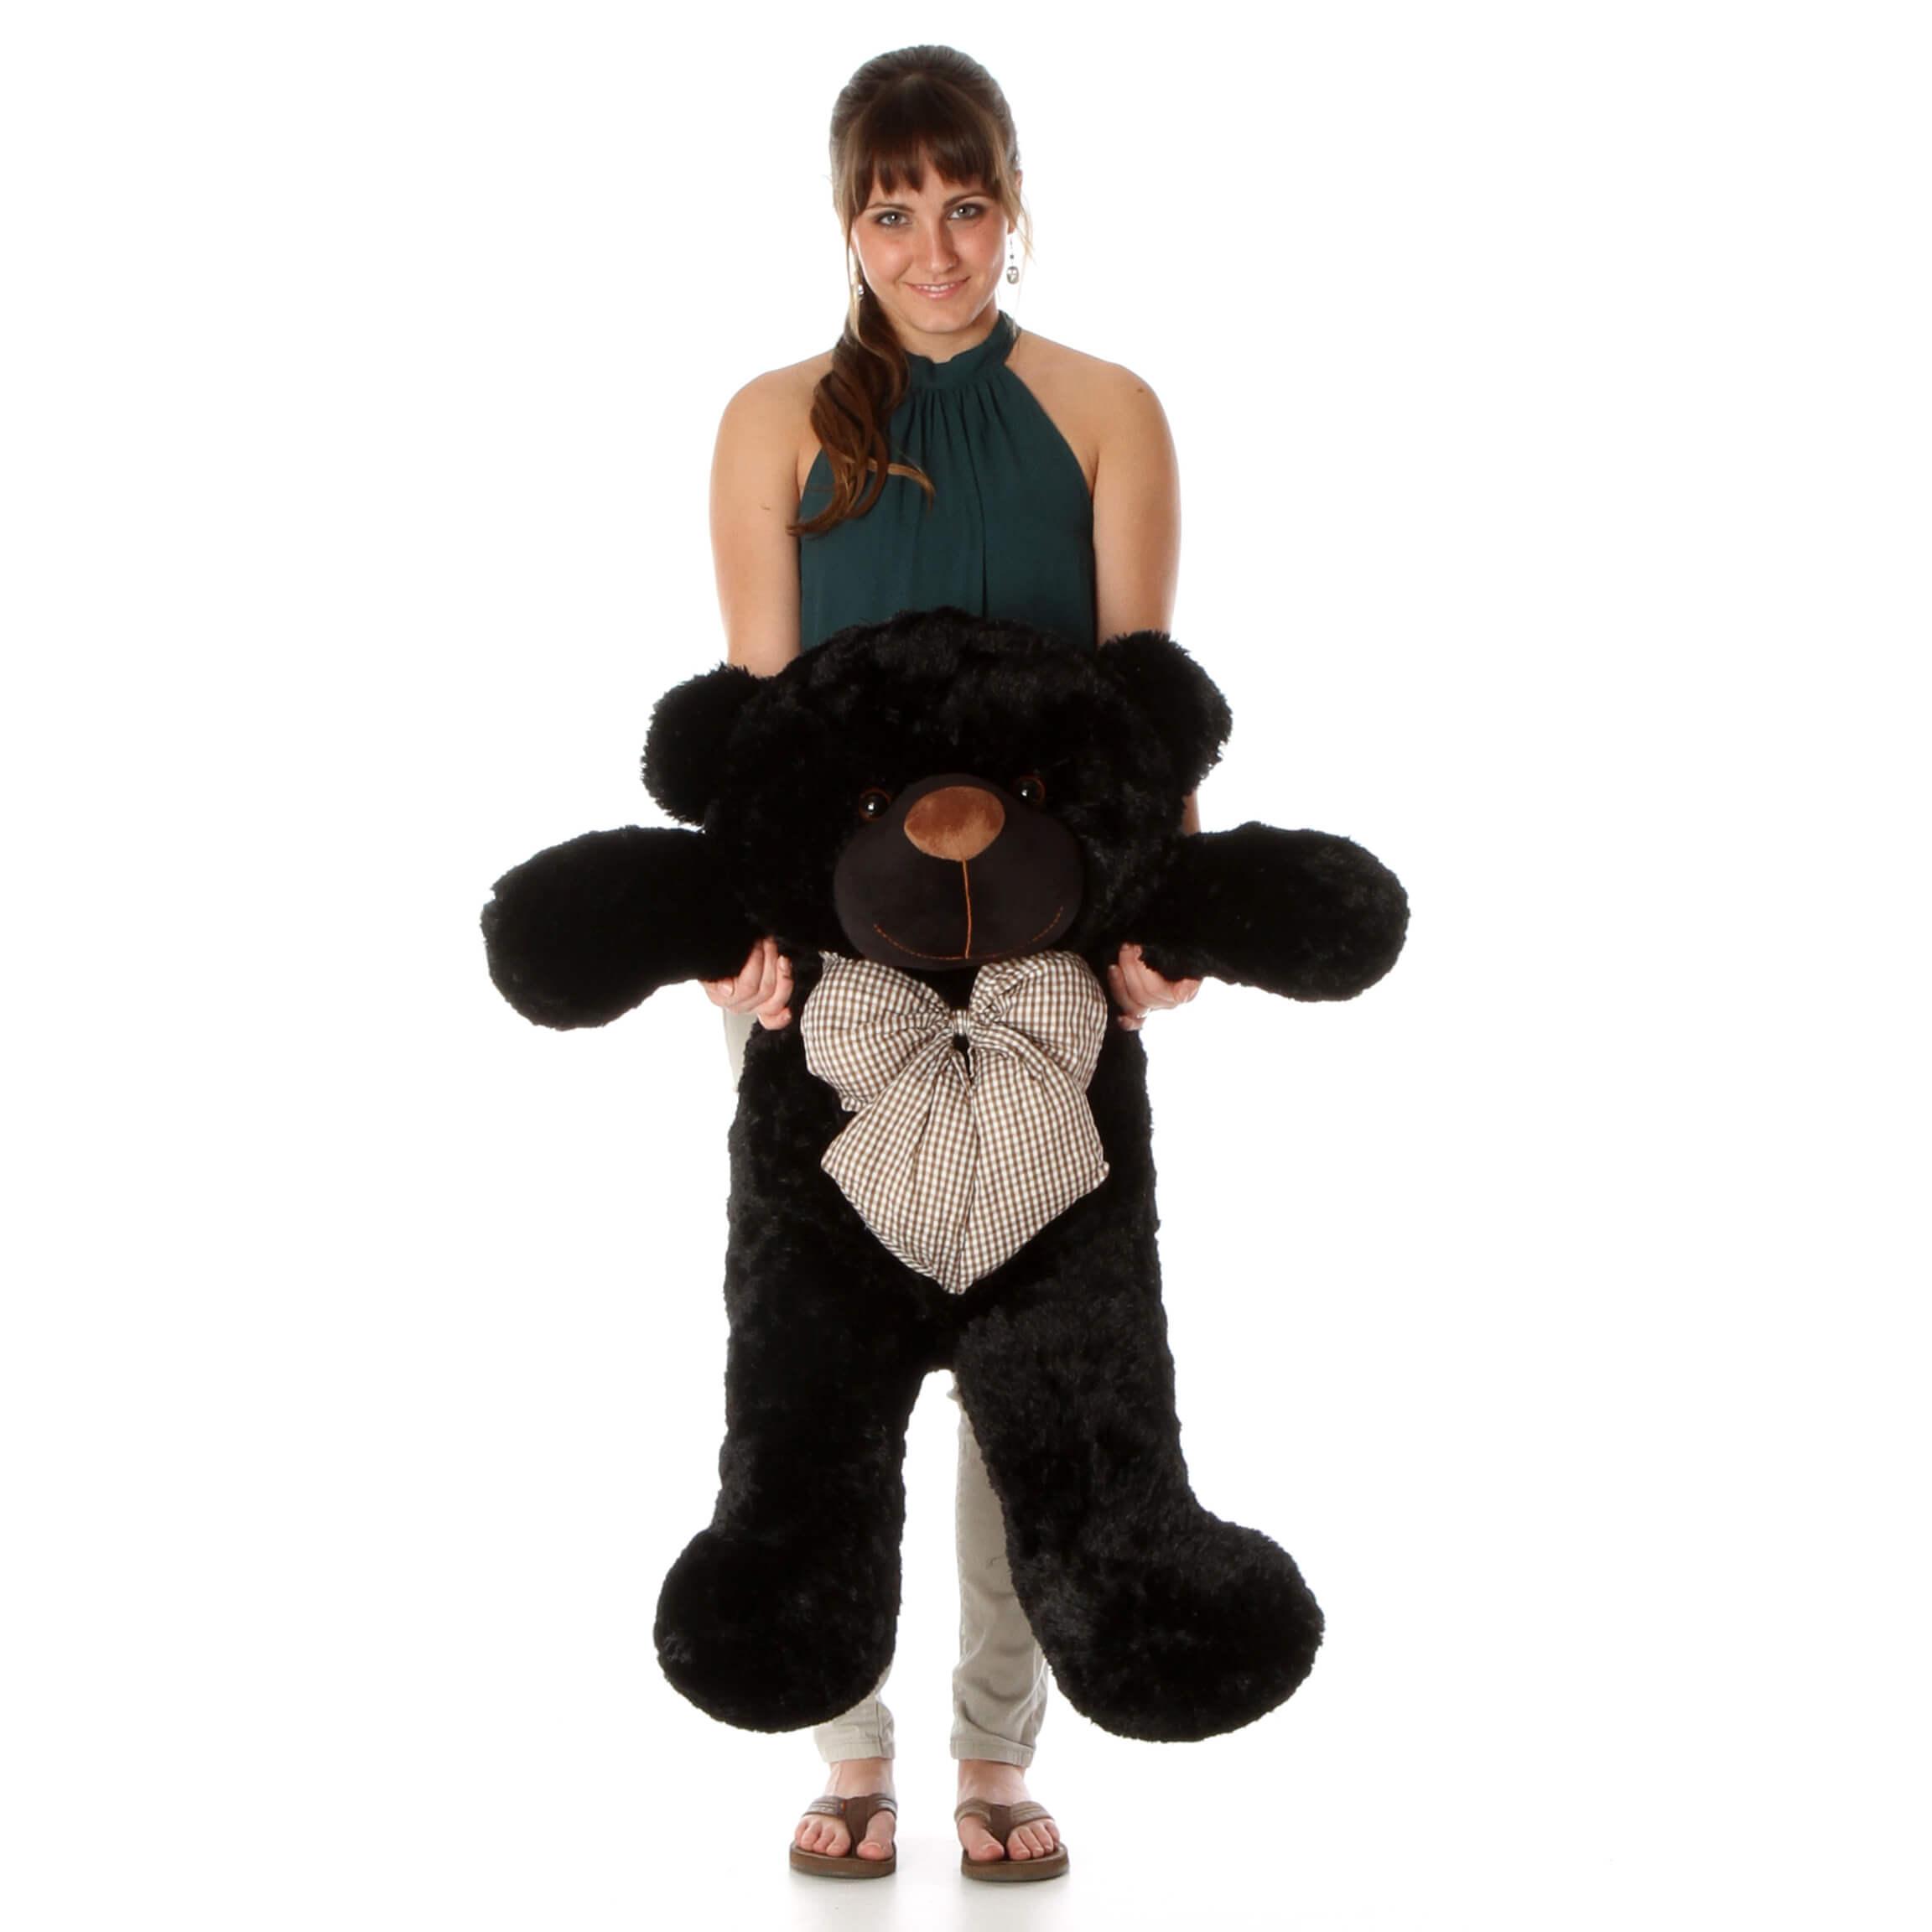 huge-adorable-gift-black-teddy-bear-juju-cuddles-38in-1.jpg